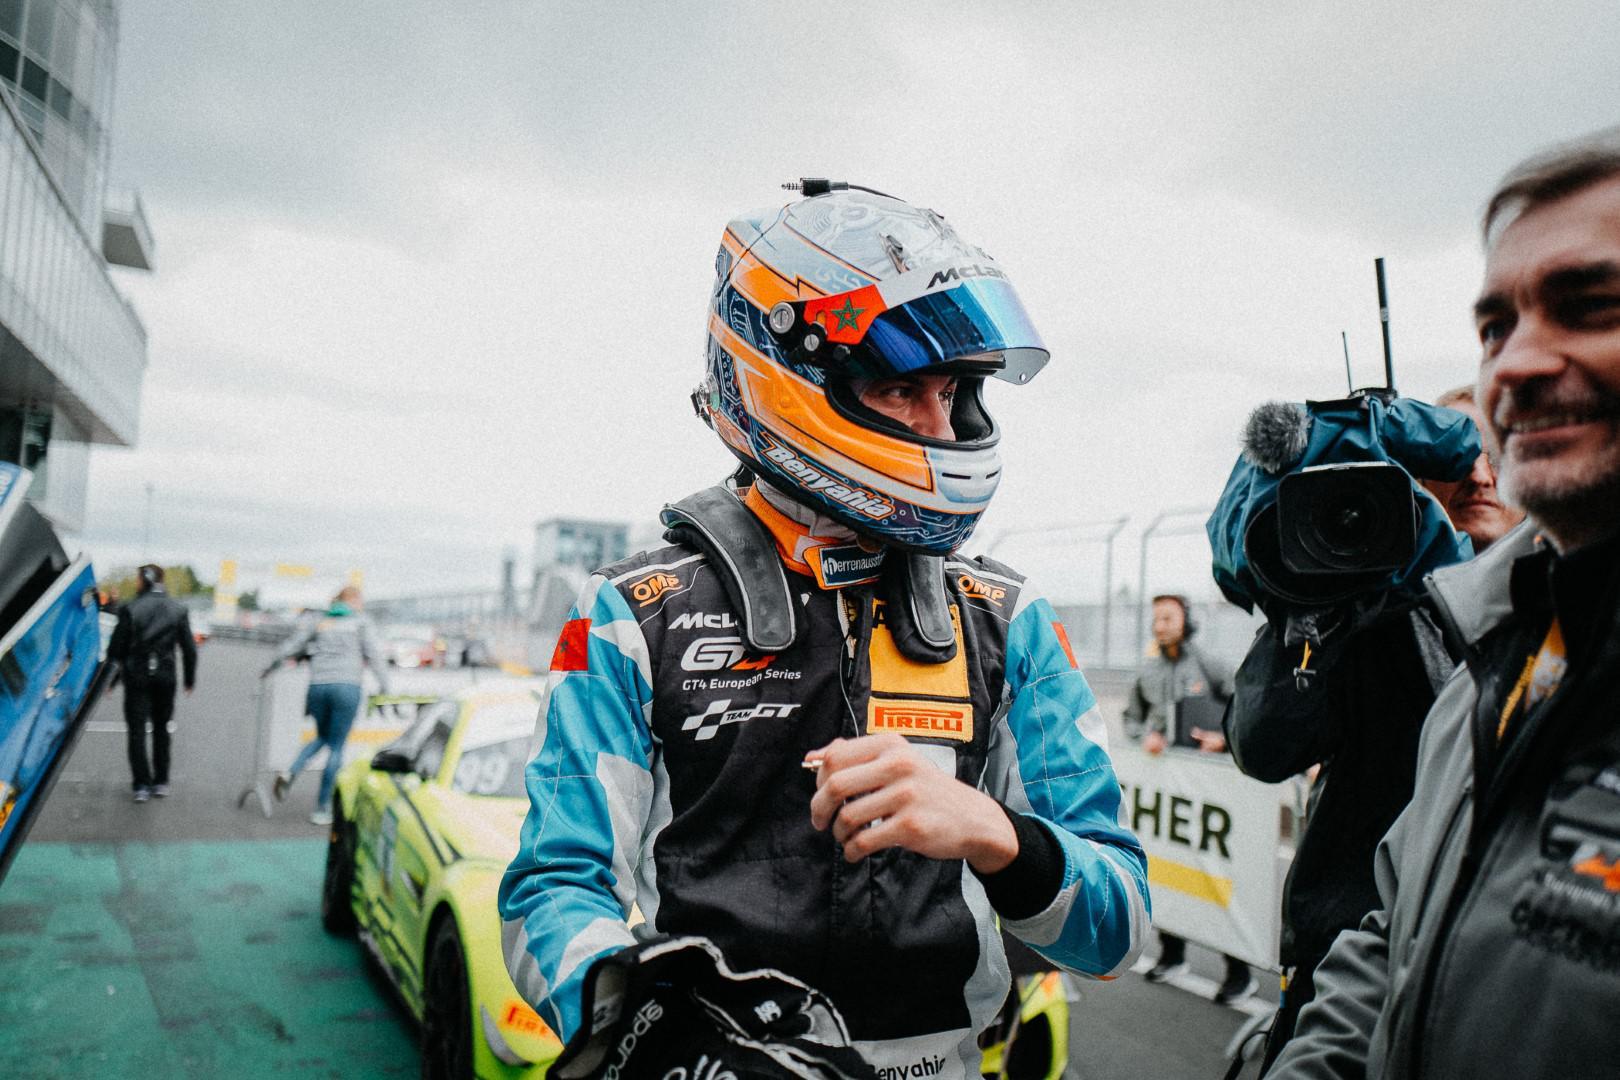 le-pilote-marocain-benyahia-signe-sa-1ere-victoire-en-gt4-sur-le-circuit-nurburgring-en-allemagne-1111-5.jpg